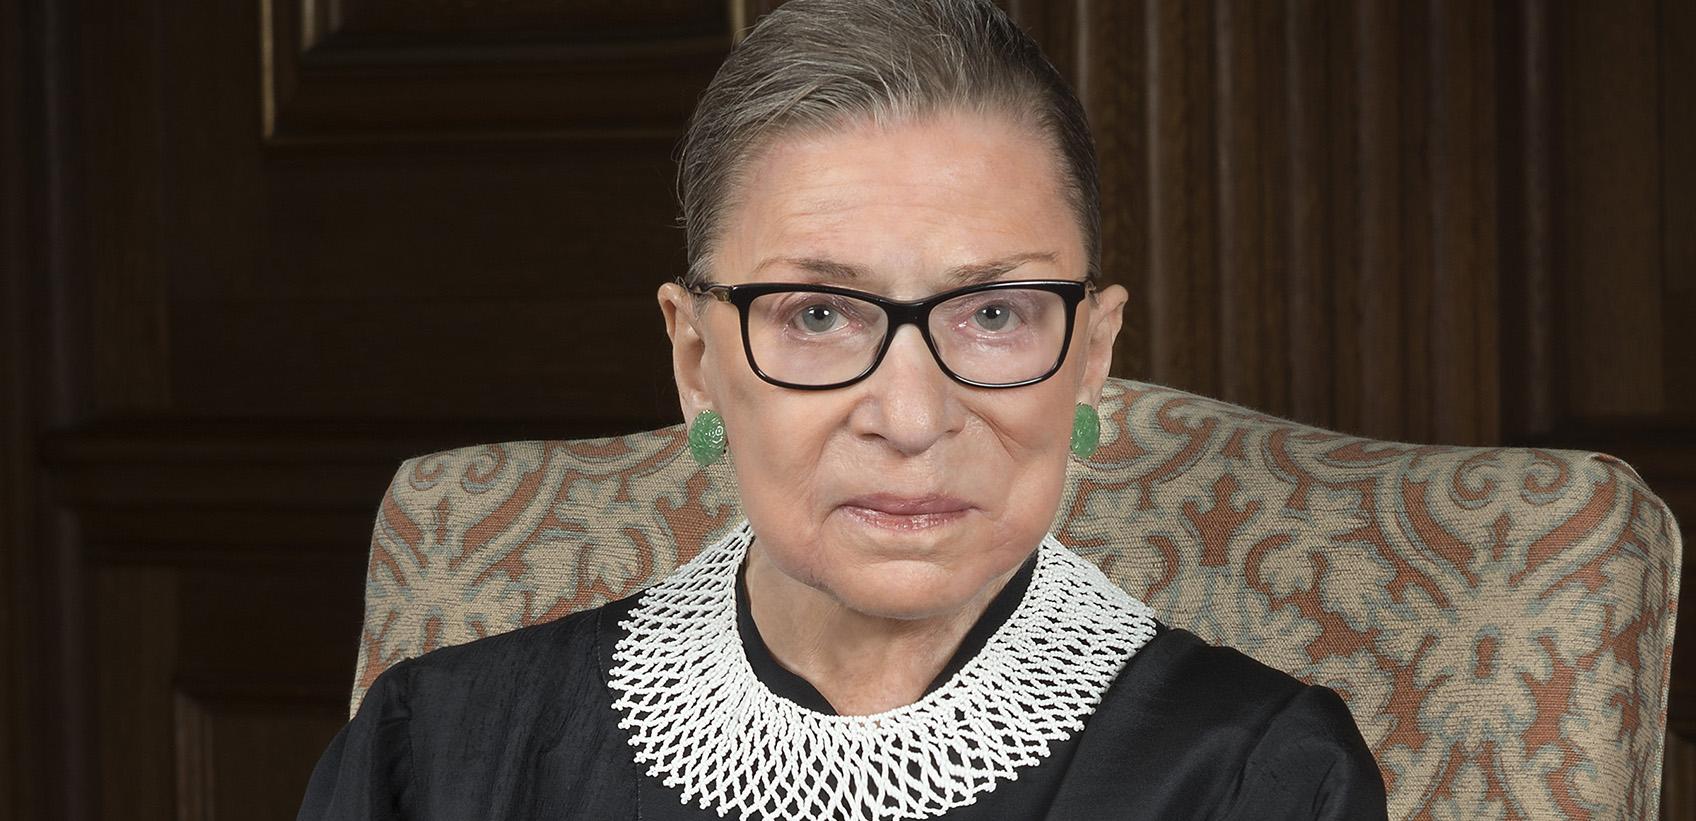 RIP Justice Ruth Bader Ginsburg